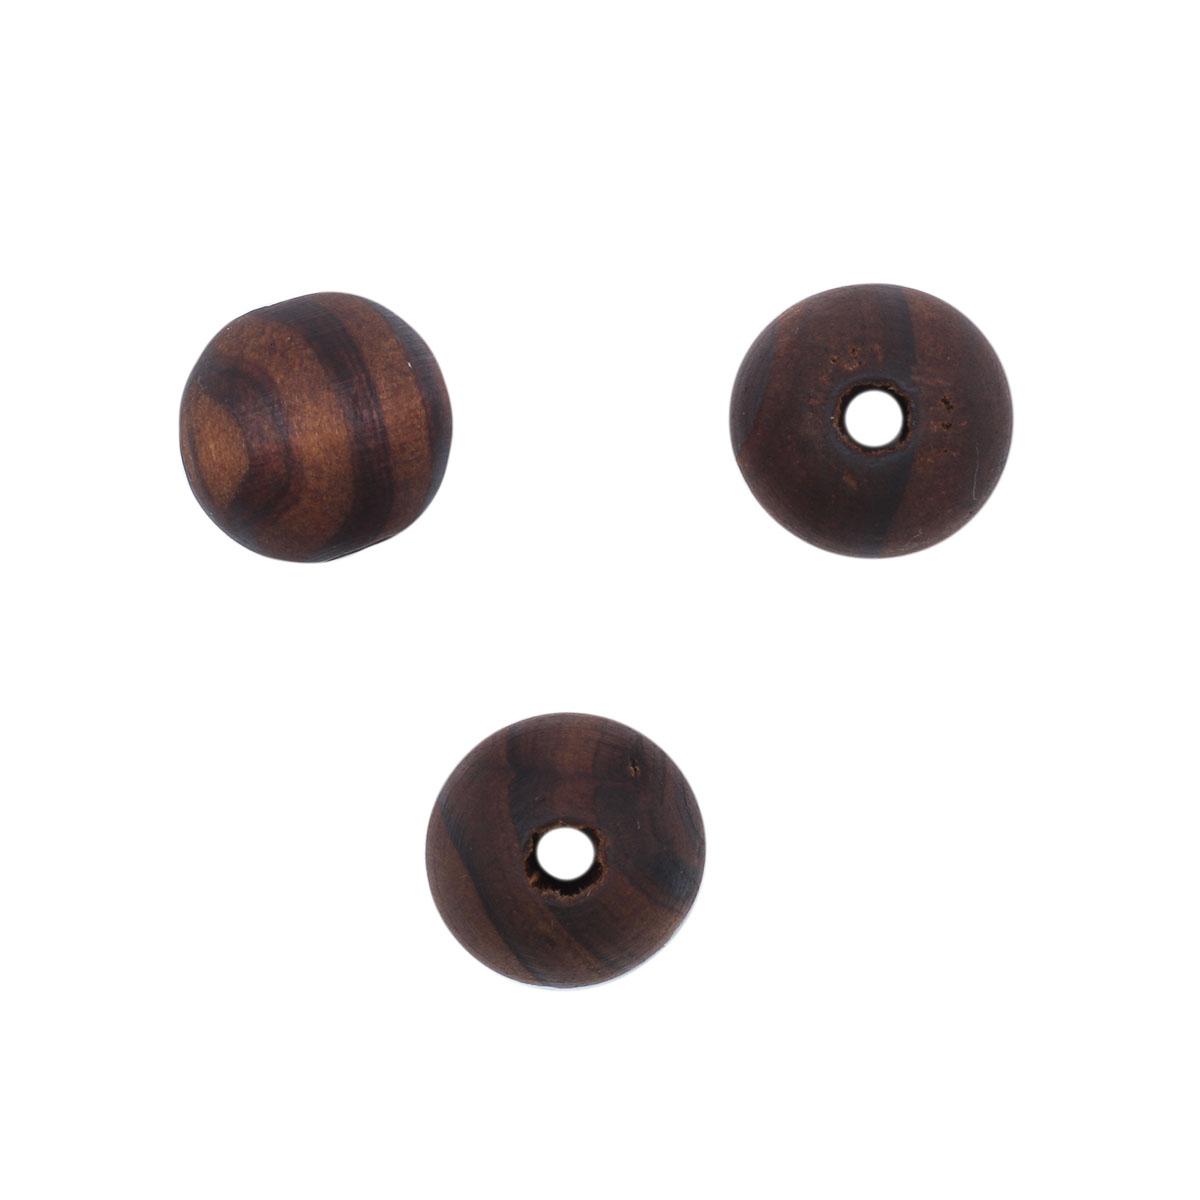 4AR391 Бусины деревянные темные/полоска, 8мм, 18гр/упак, Астра